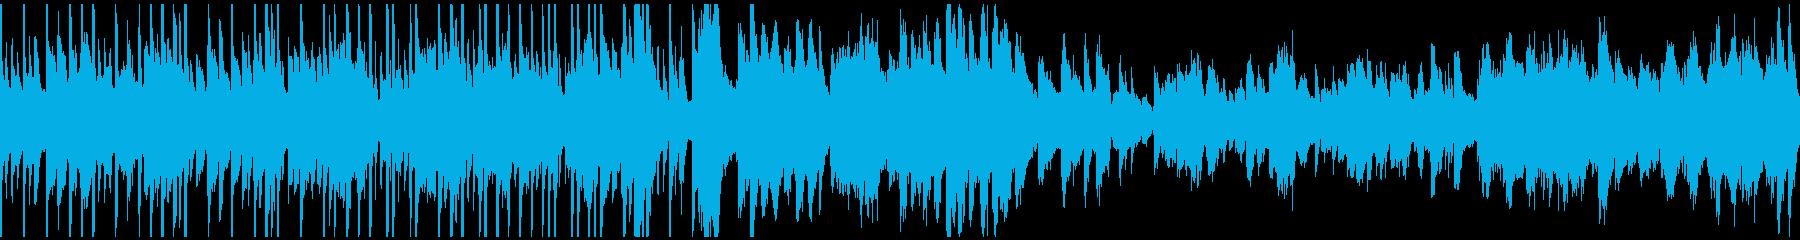 回想曲(ループ仕様)の再生済みの波形